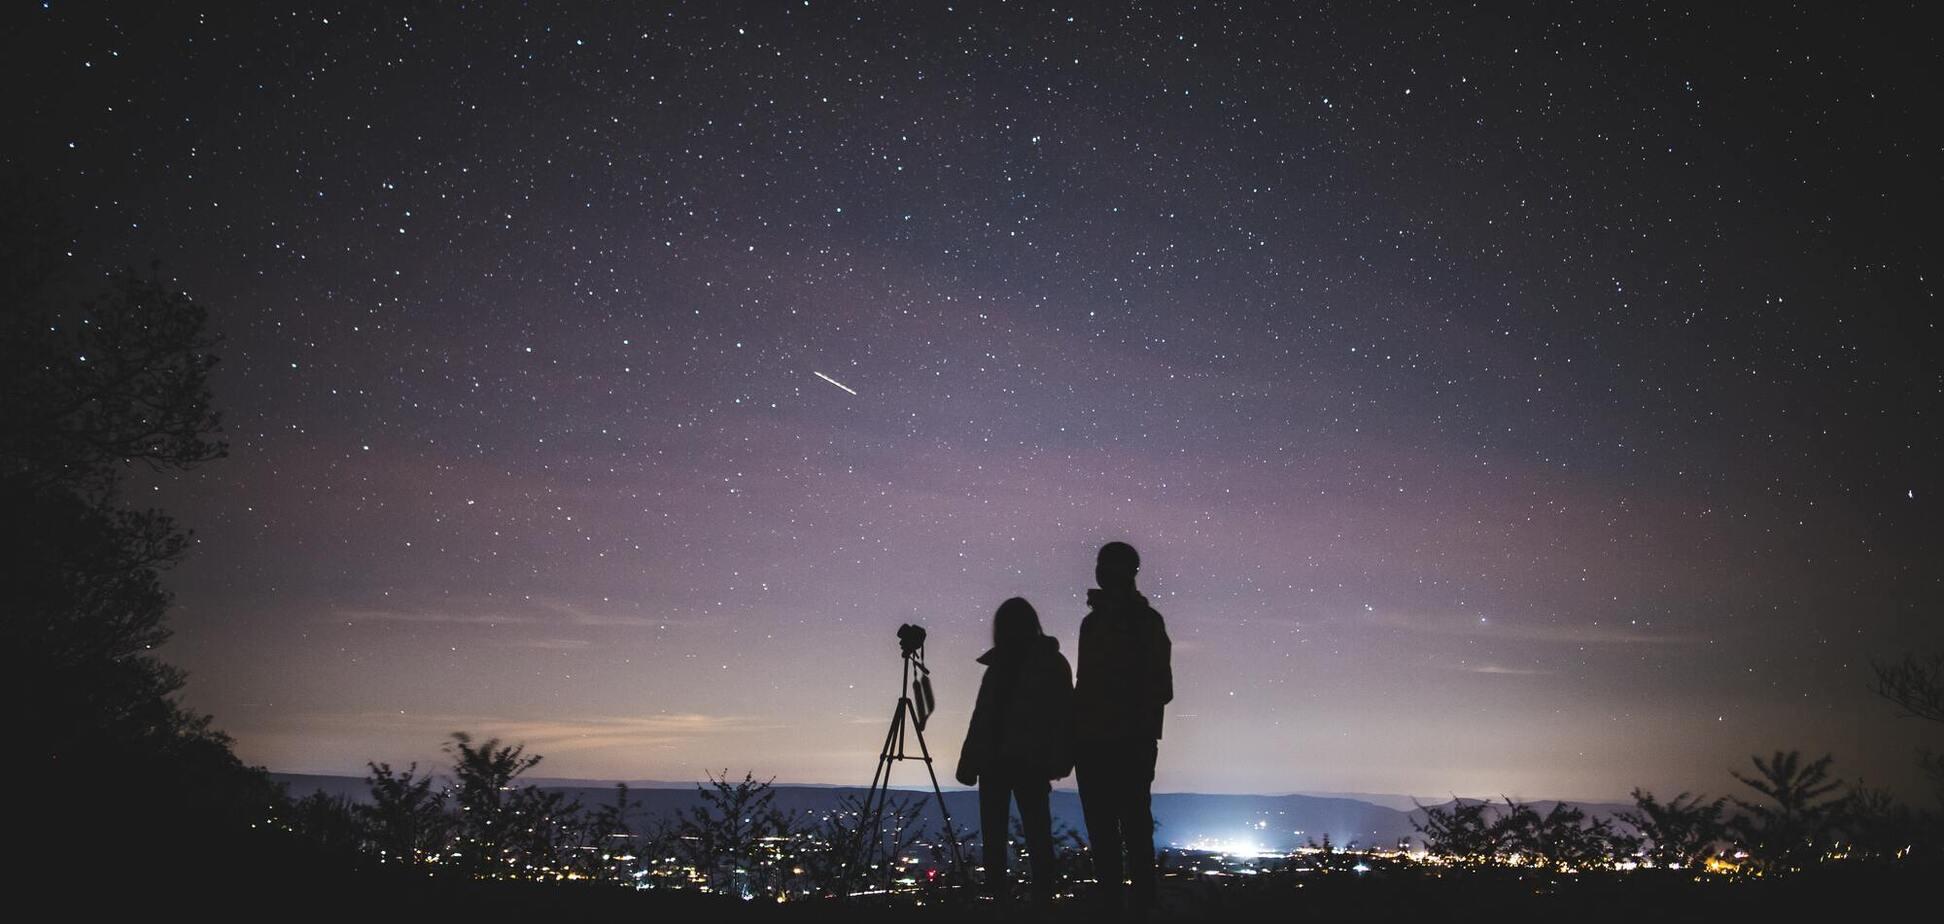 Ориониды и Дракониды особенны яркими метеорами